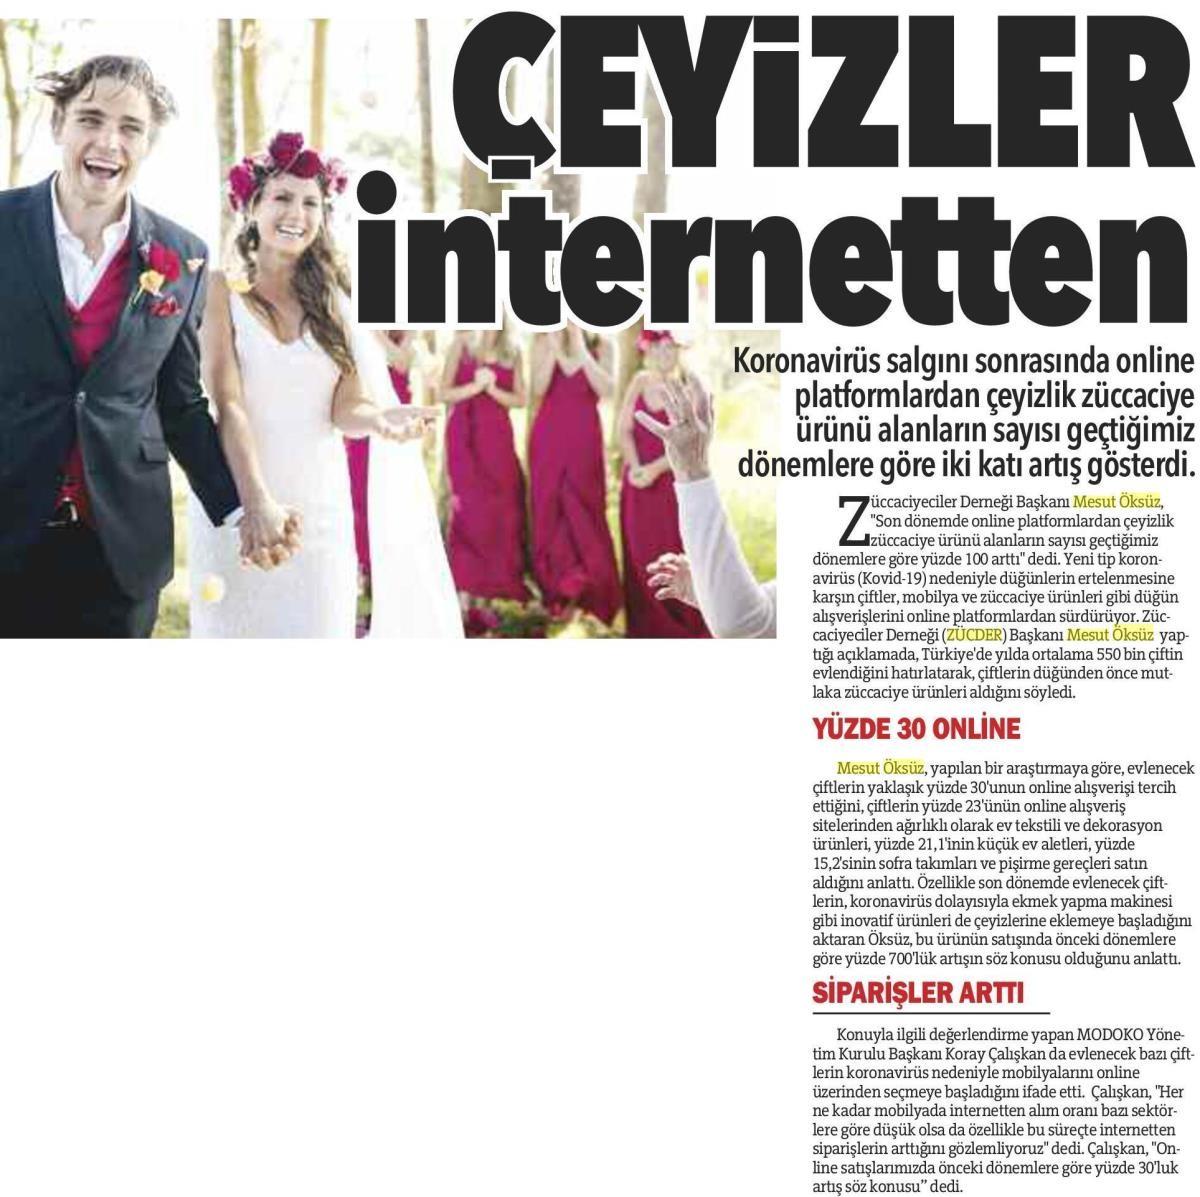 Zücder Bursa Hakimiyet 26.04.2020